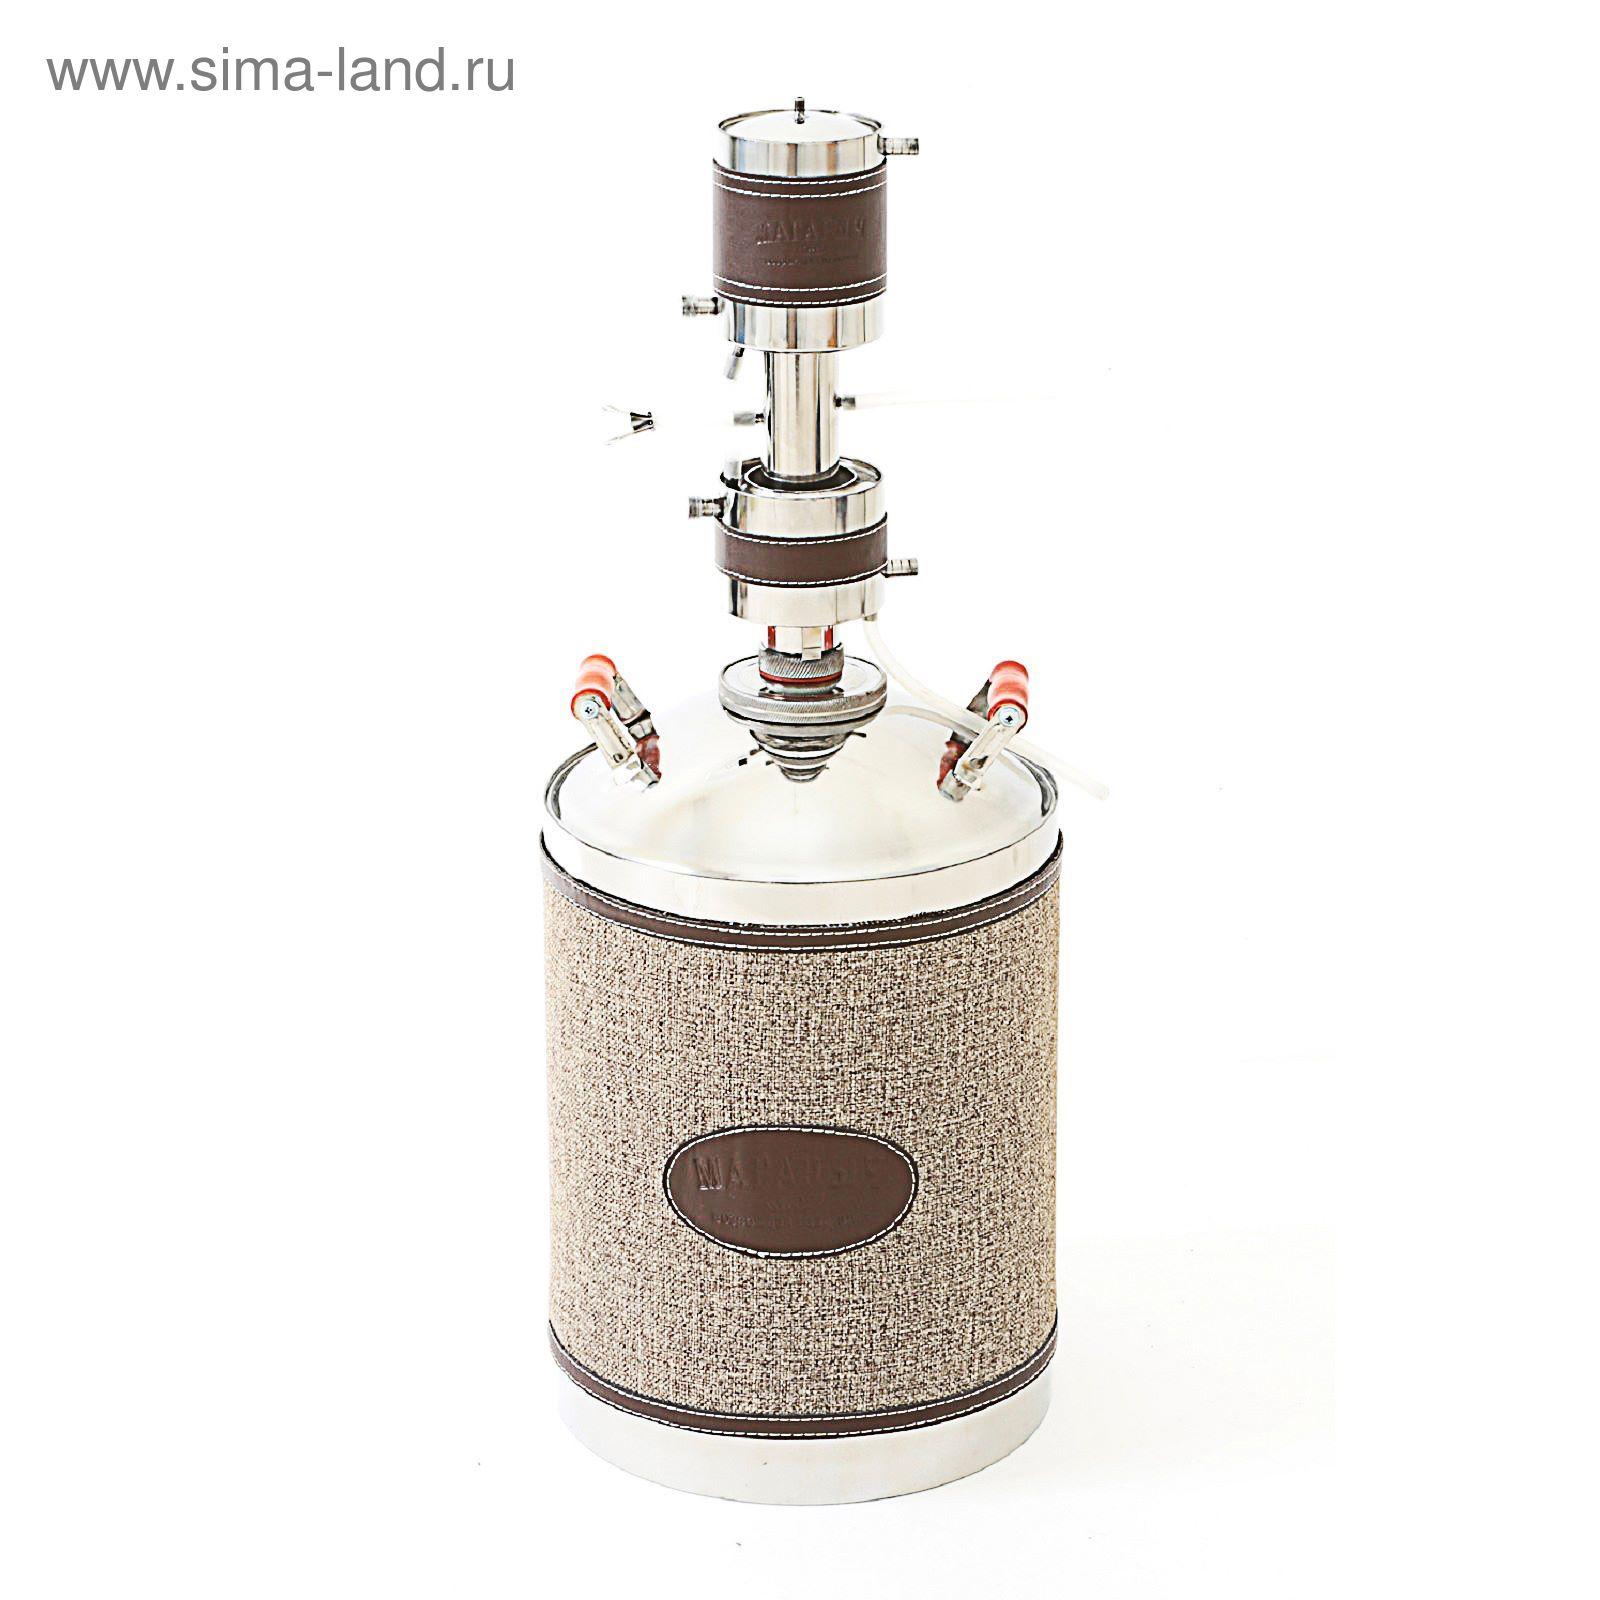 Купить самогонный аппарат магарыч машковского экспорт самара самогонный аппарат купить